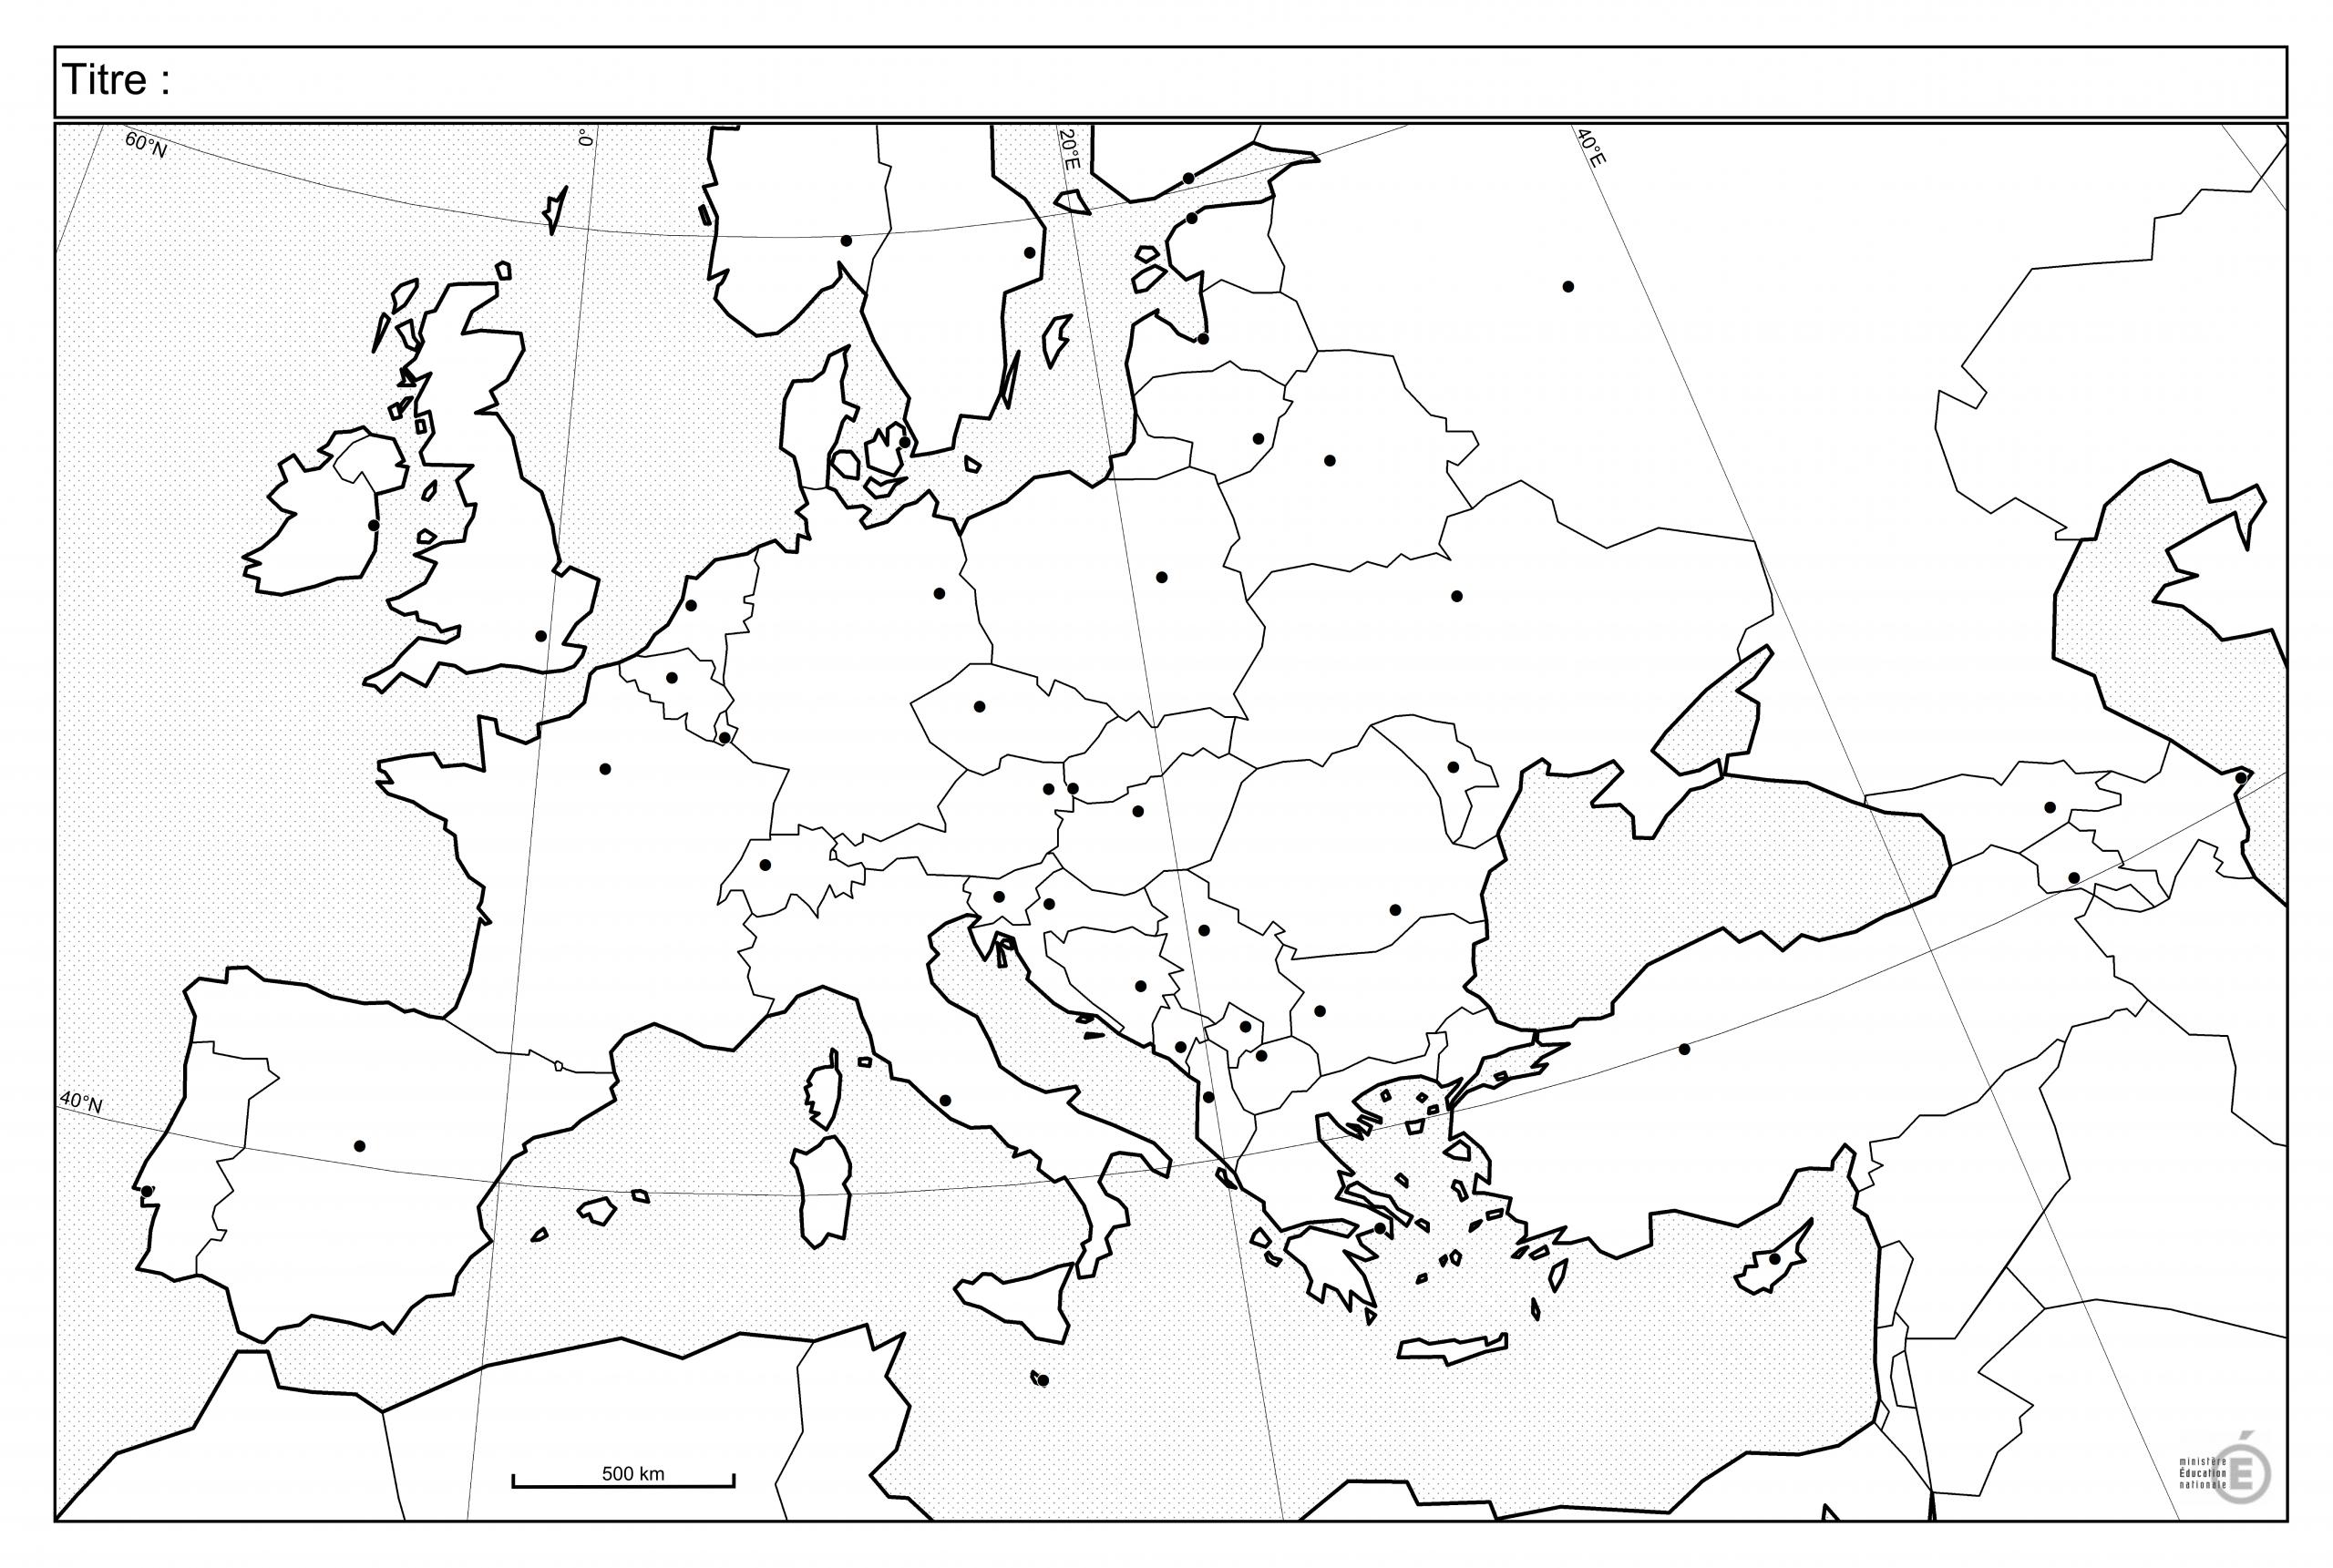 Fonds De Carte - Histoire-Géographie - Éduscol encequiconcerne Carte De France Muette À Compléter